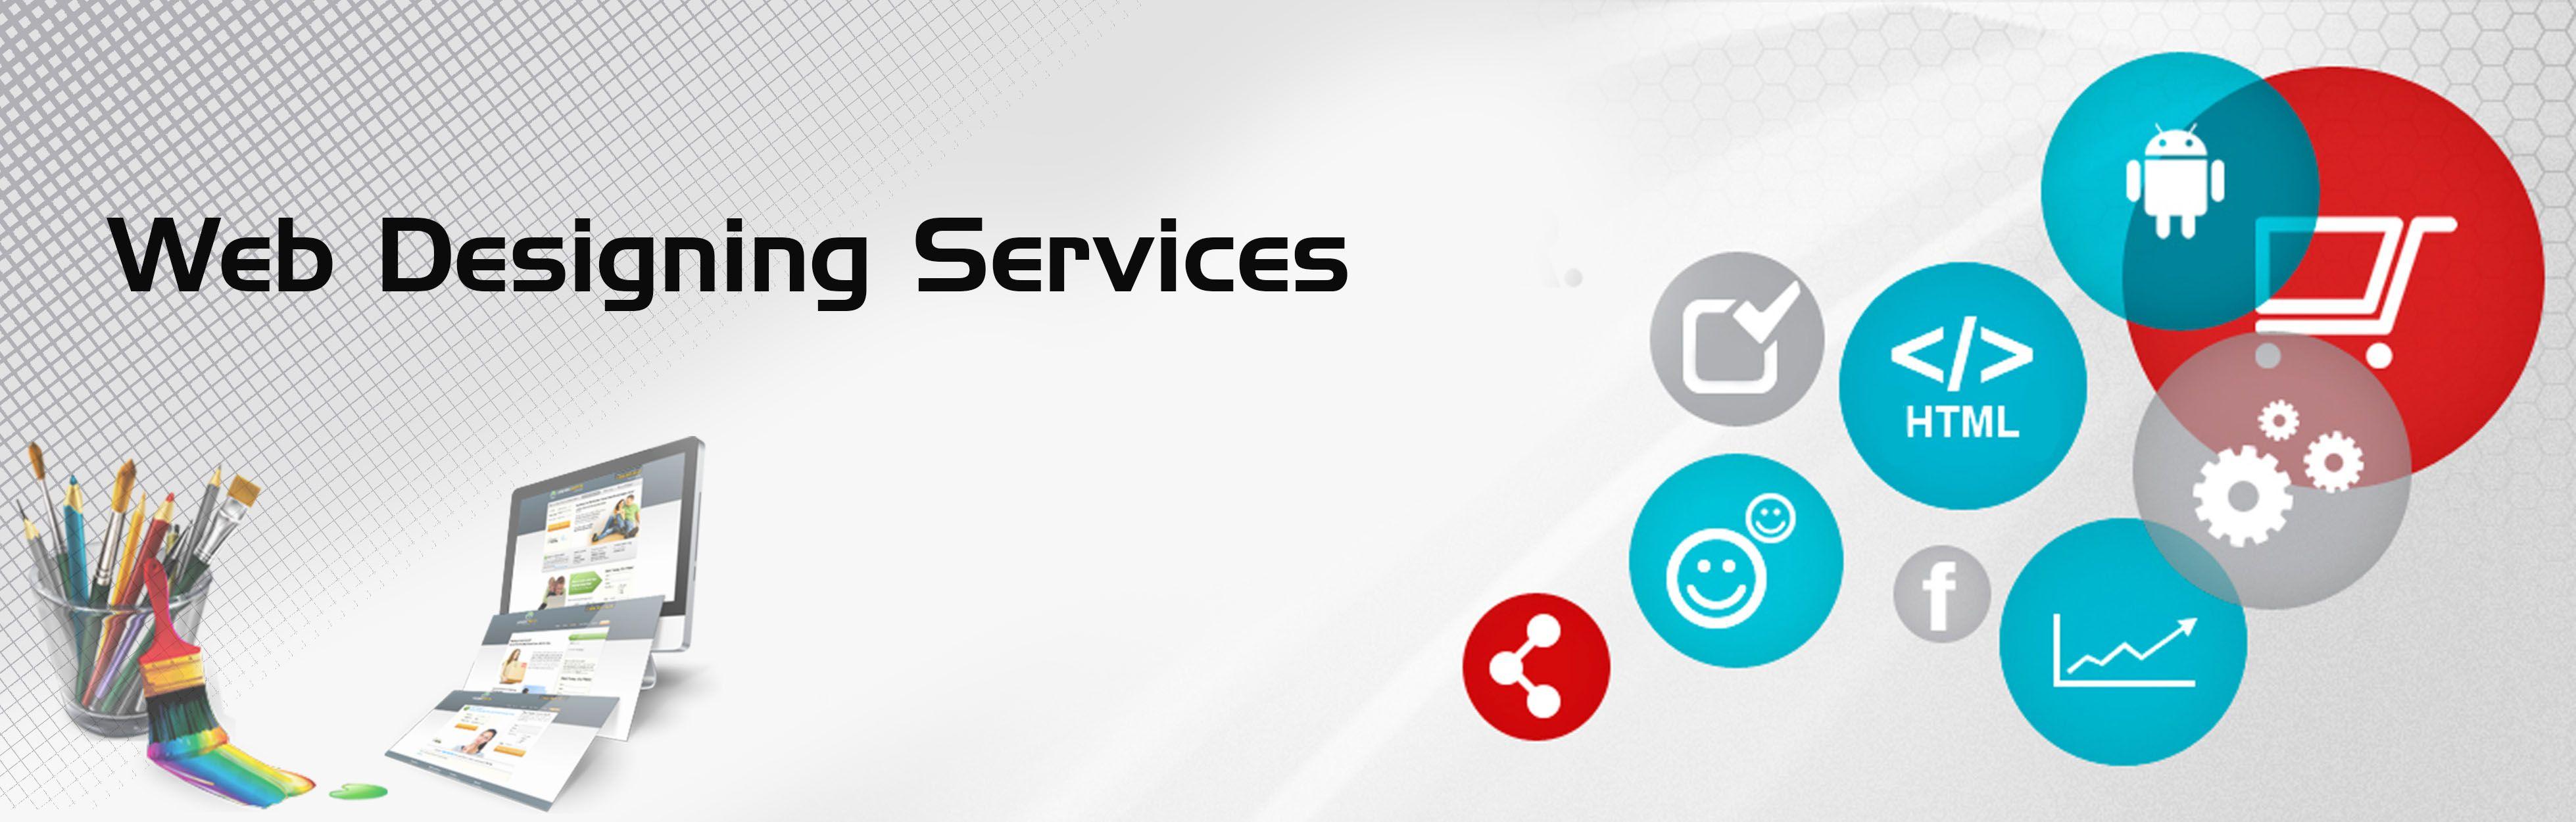 Website Designing Services In India Web Design Website Design Services Interactive Web Design